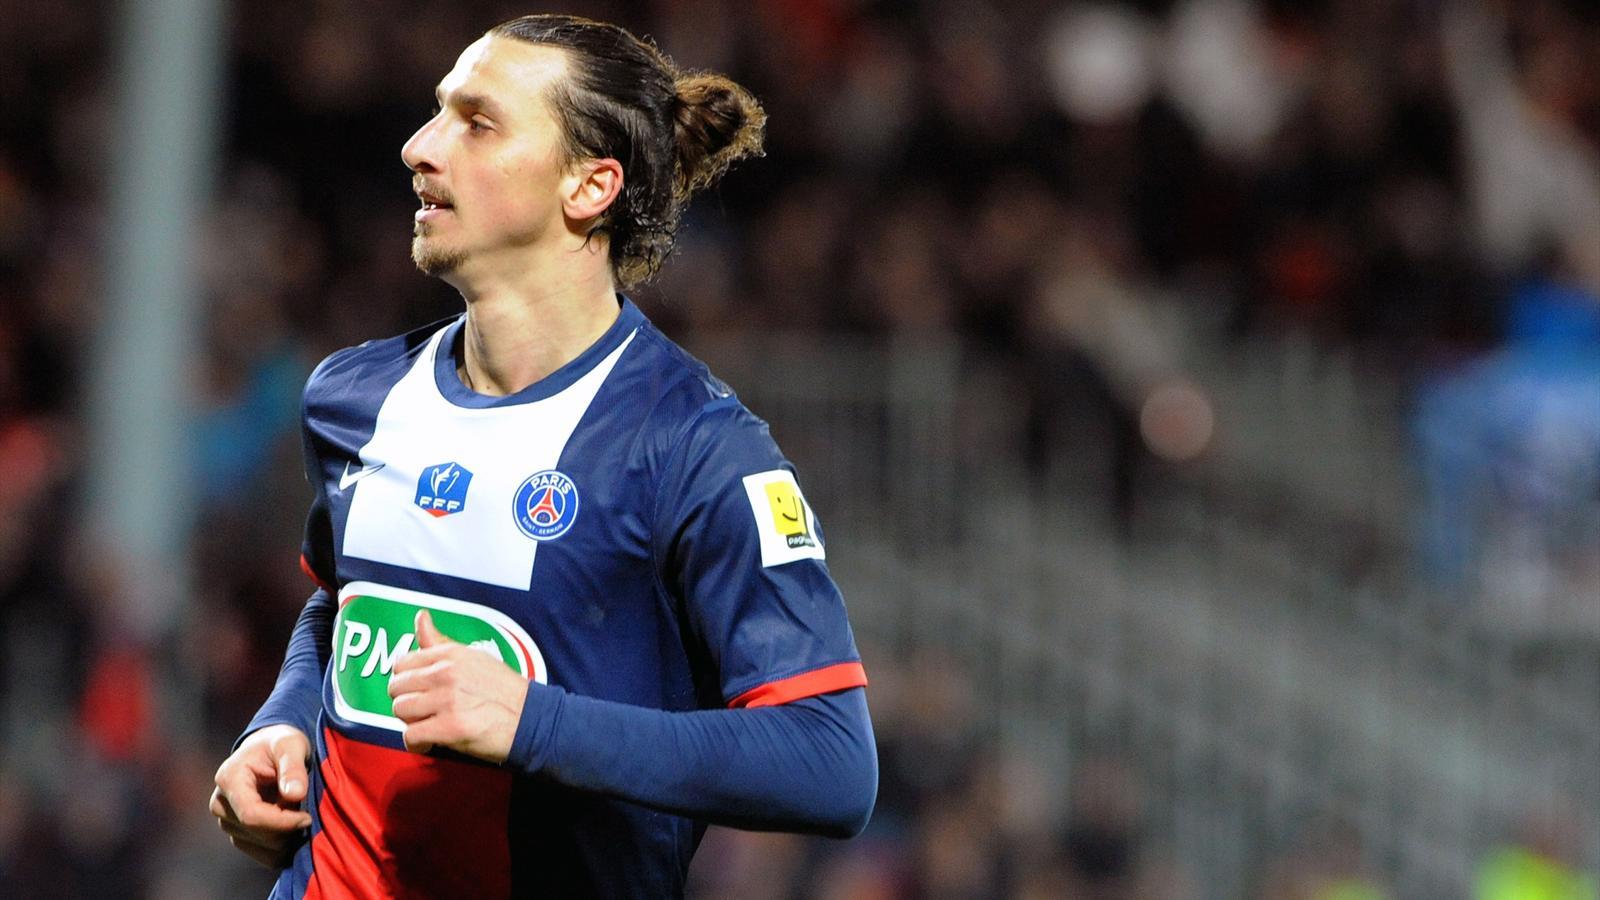 Coupe de la ligue psg zlatan ibrahimovic et les stars dans le groupe coupe de la ligue - Coupe de la ligue 2013 2014 ...